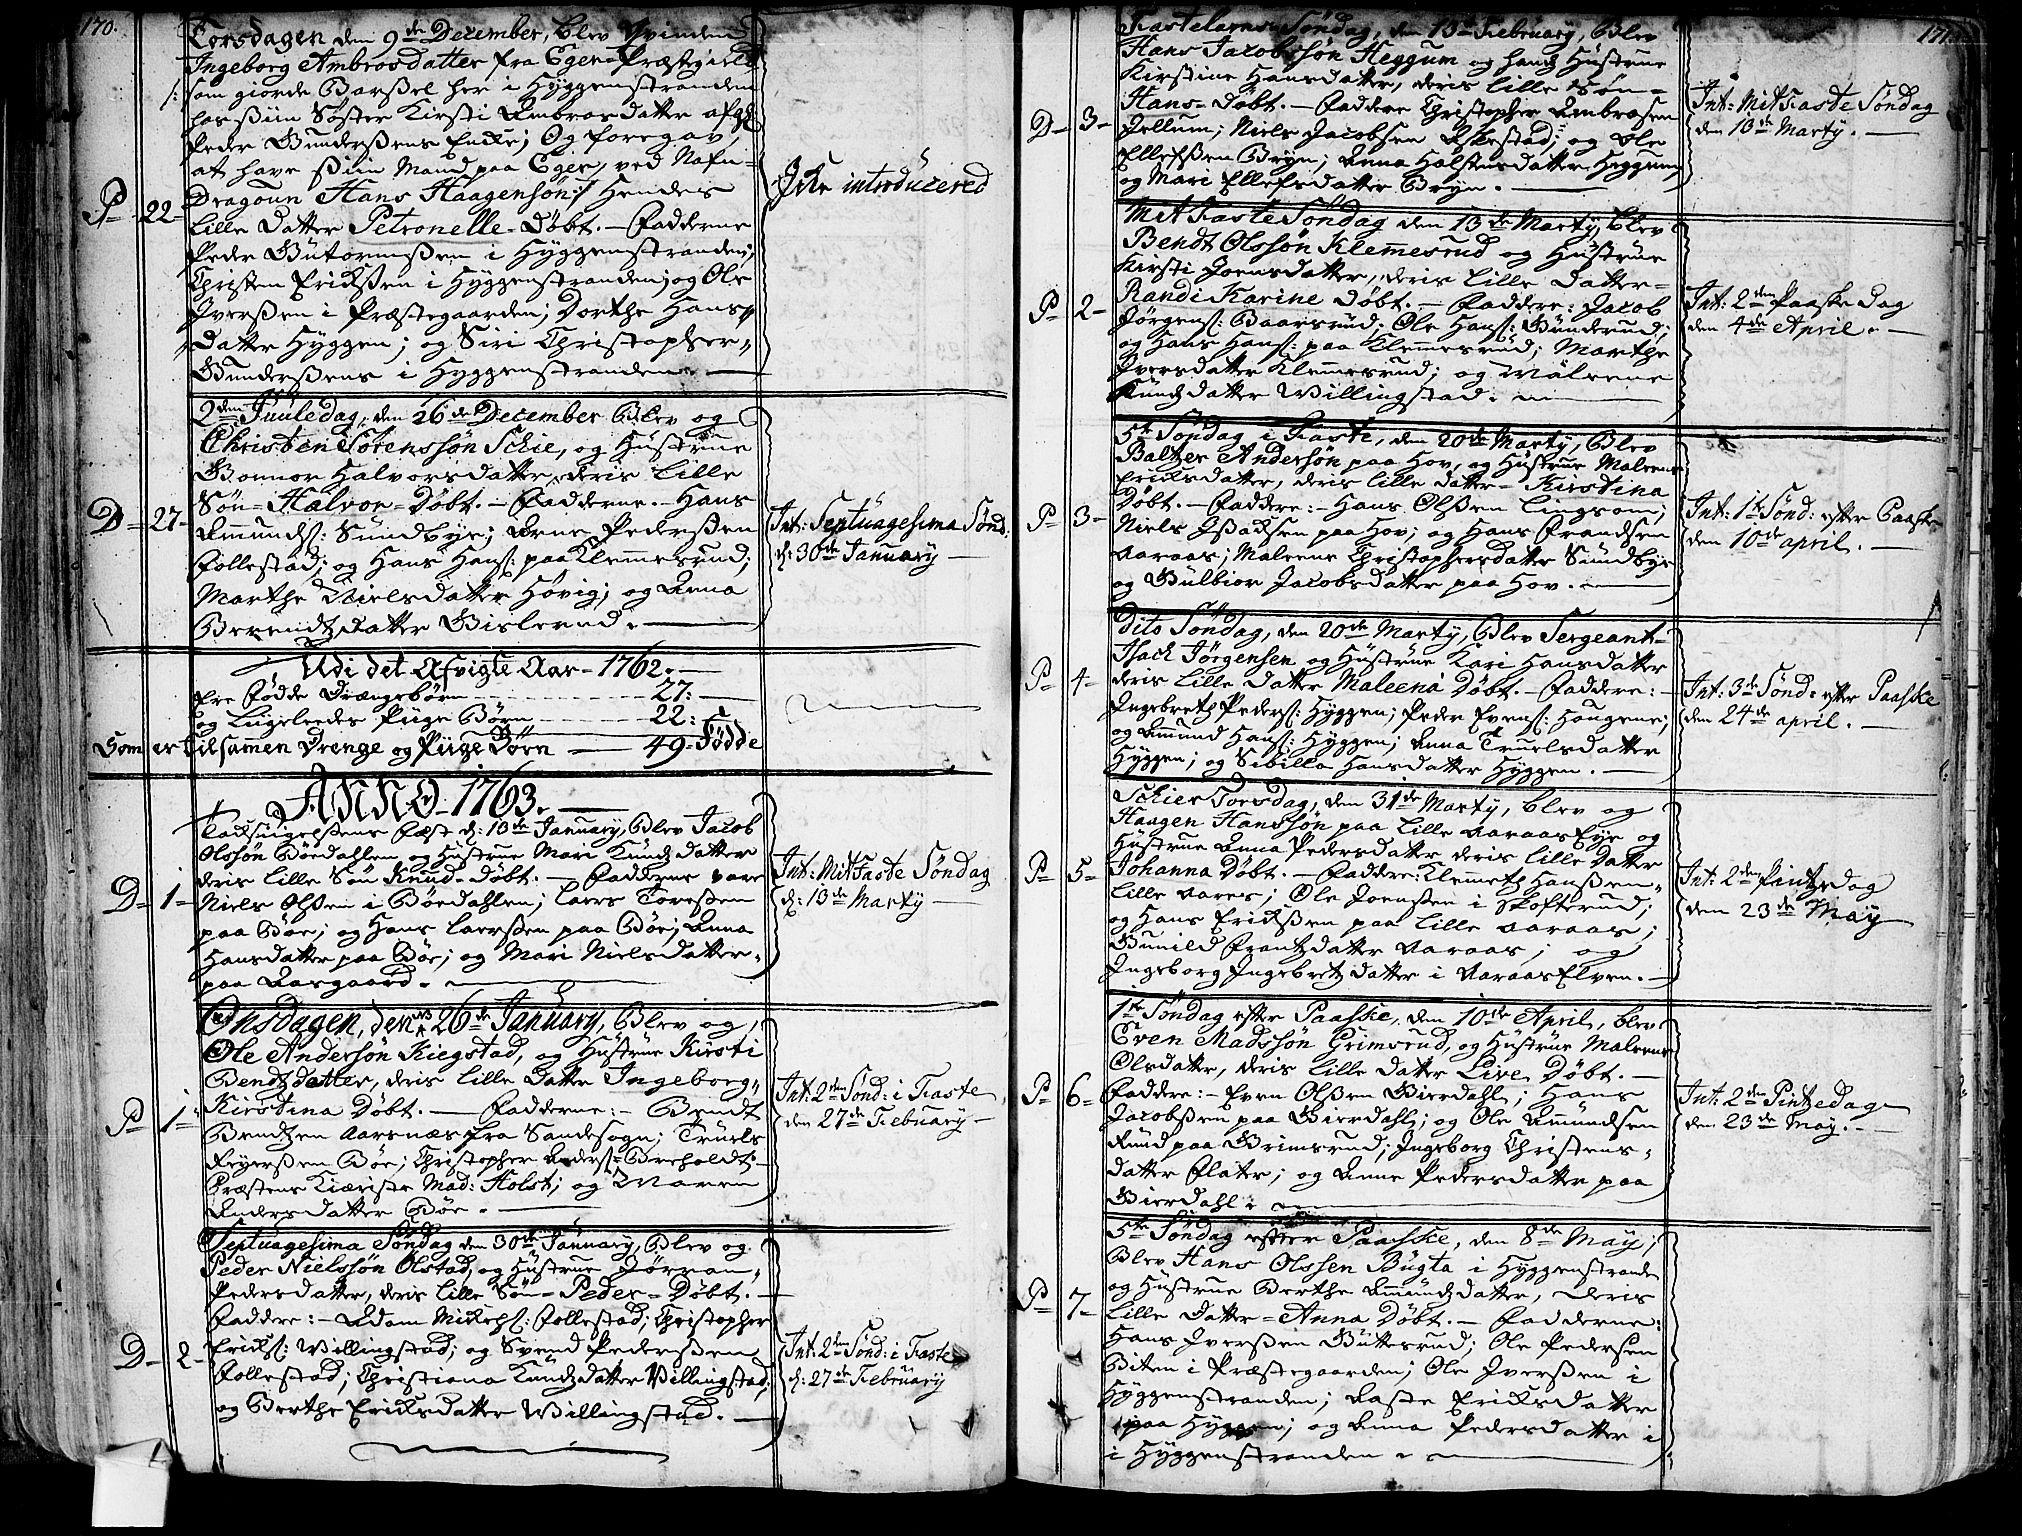 SAKO, Røyken kirkebøker, G/Ga/L0001: Klokkerbok nr. 1, 1740-1768, s. 170-171